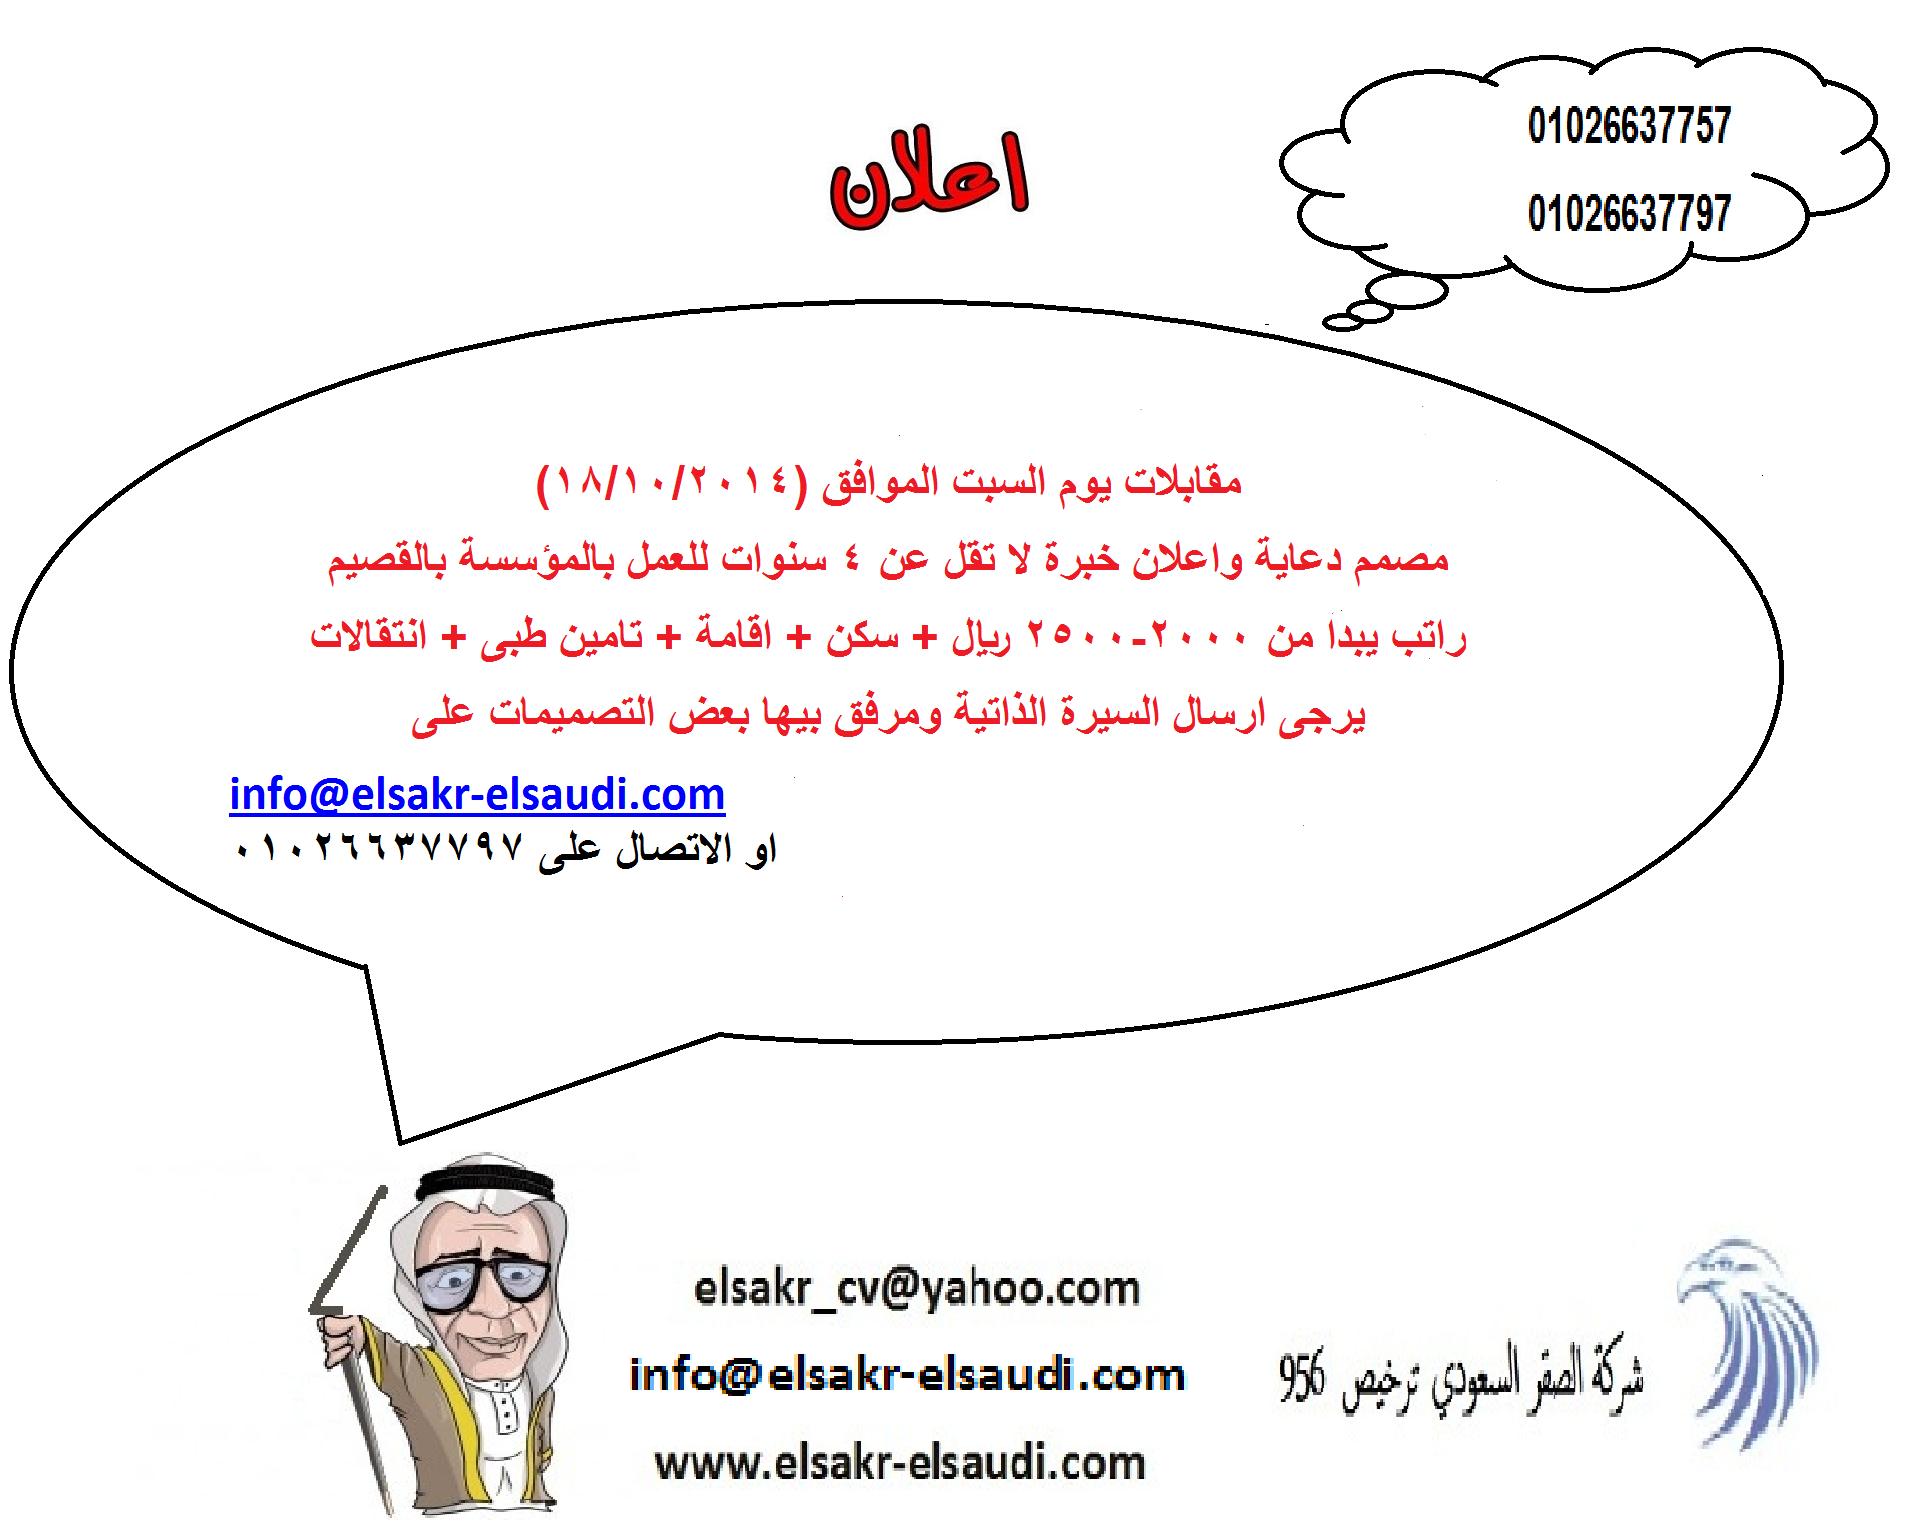 مطلوب مصمم دعاية واعلان للعمل بالمؤسسة بالسعودية